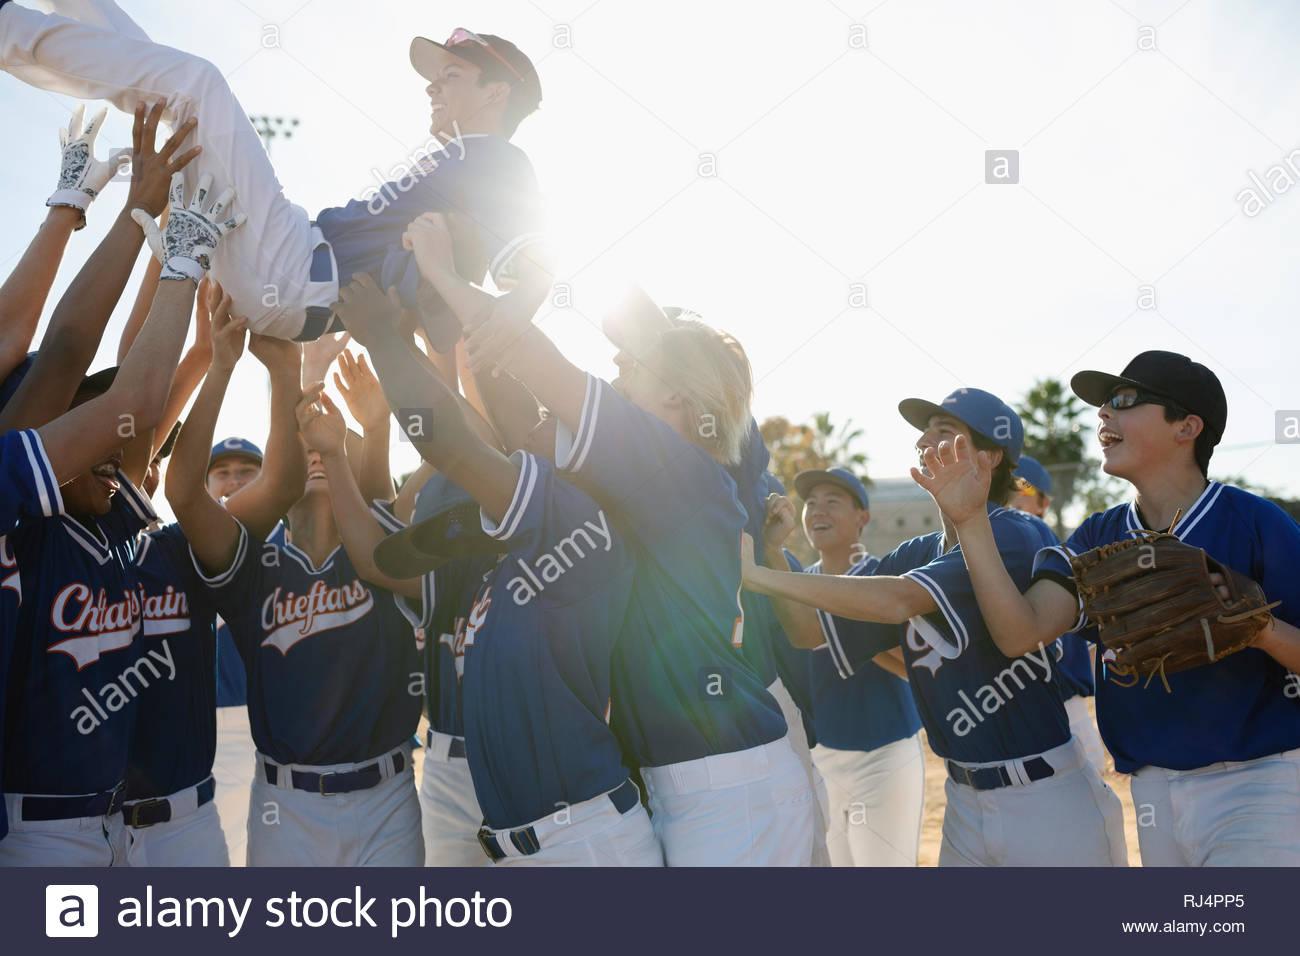 El equipo de béisbol feliz celebración, llevando la sobrecarga del reproductor Imagen De Stock